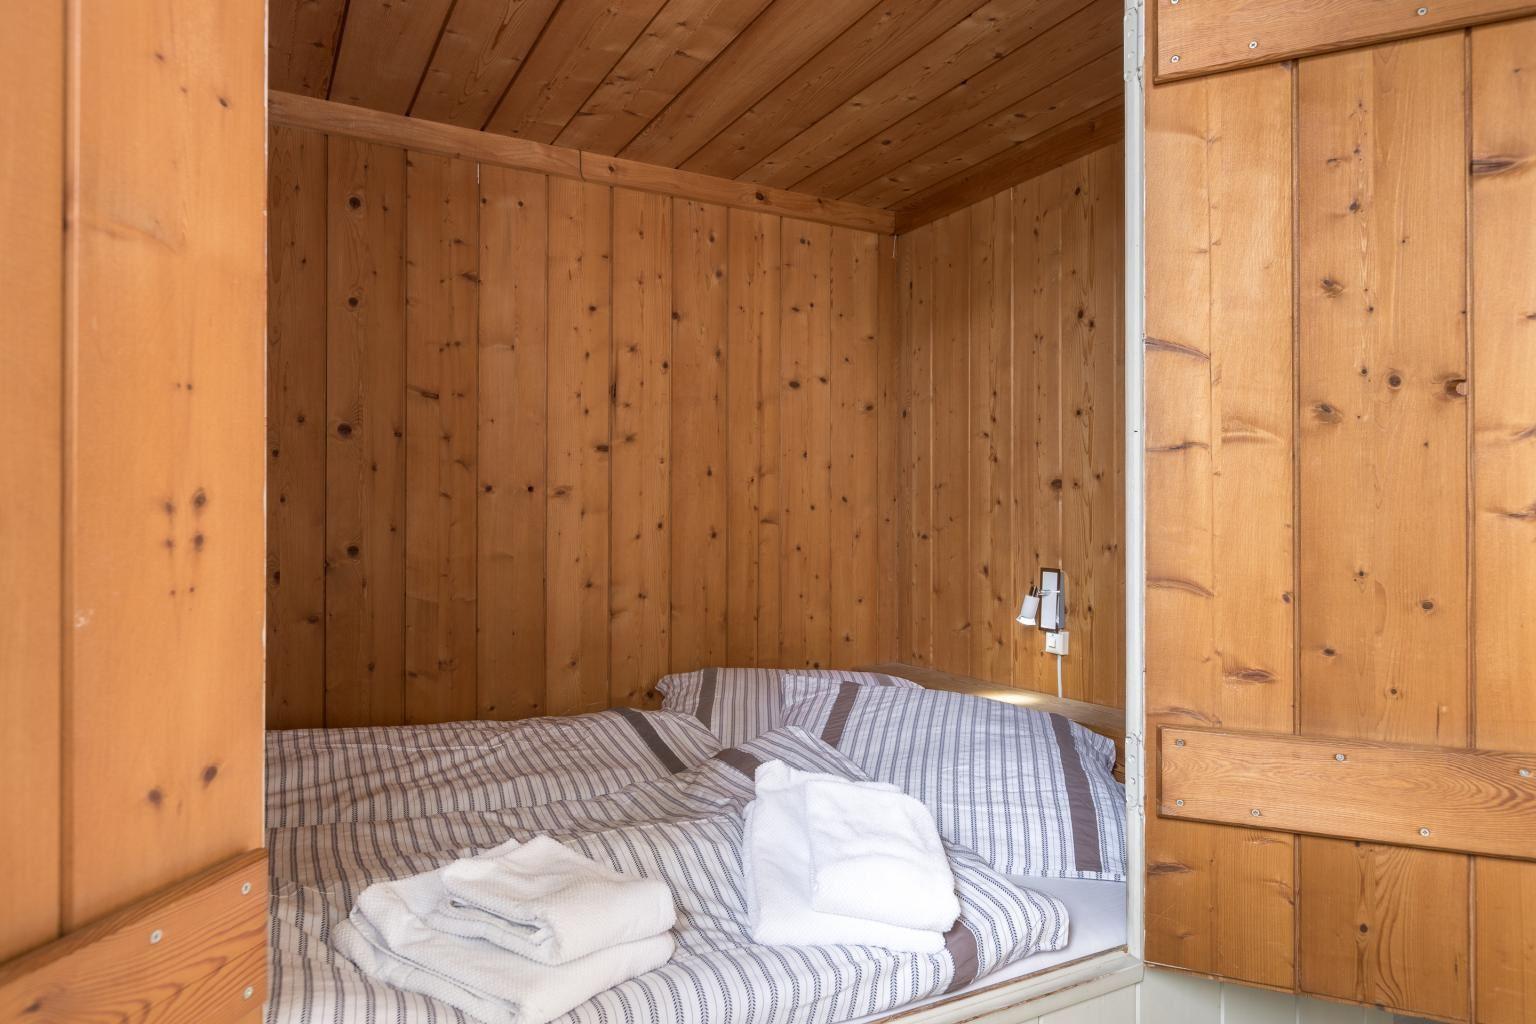 Alkoven-Doppelbett im Wohnzimmer